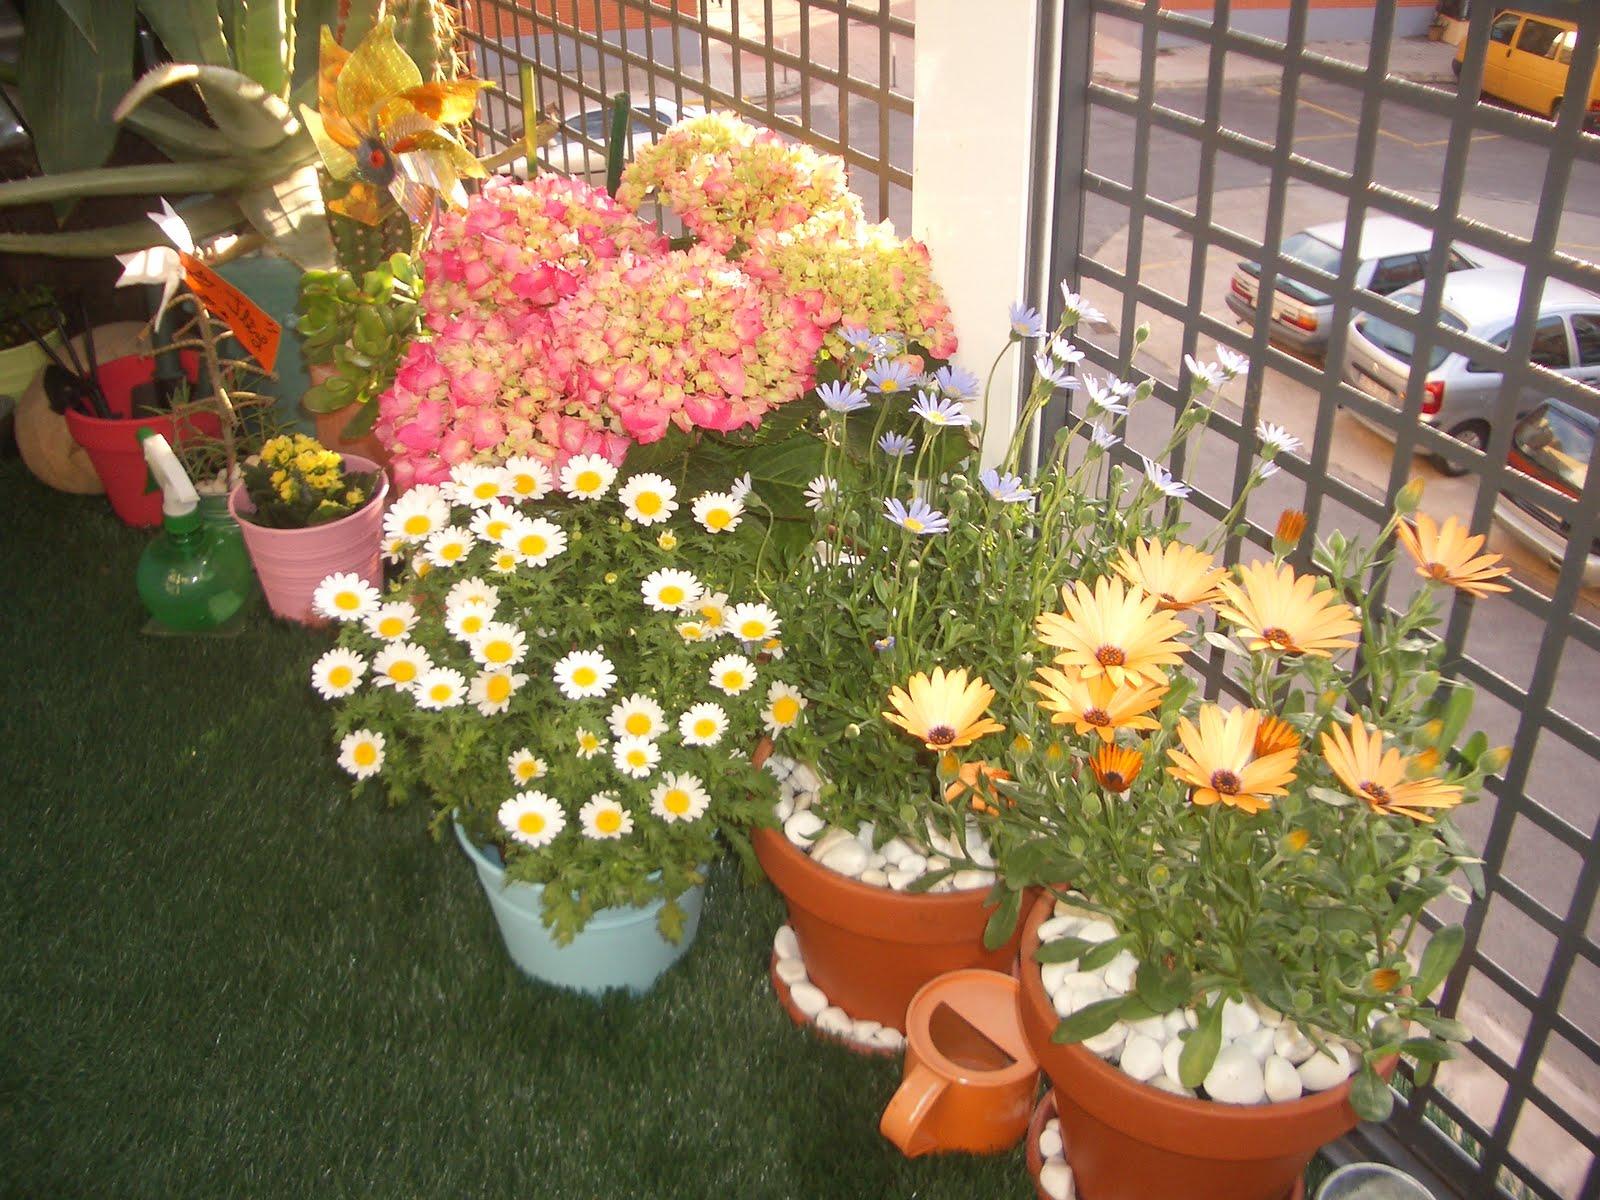 Corticheando Flores De Temporada